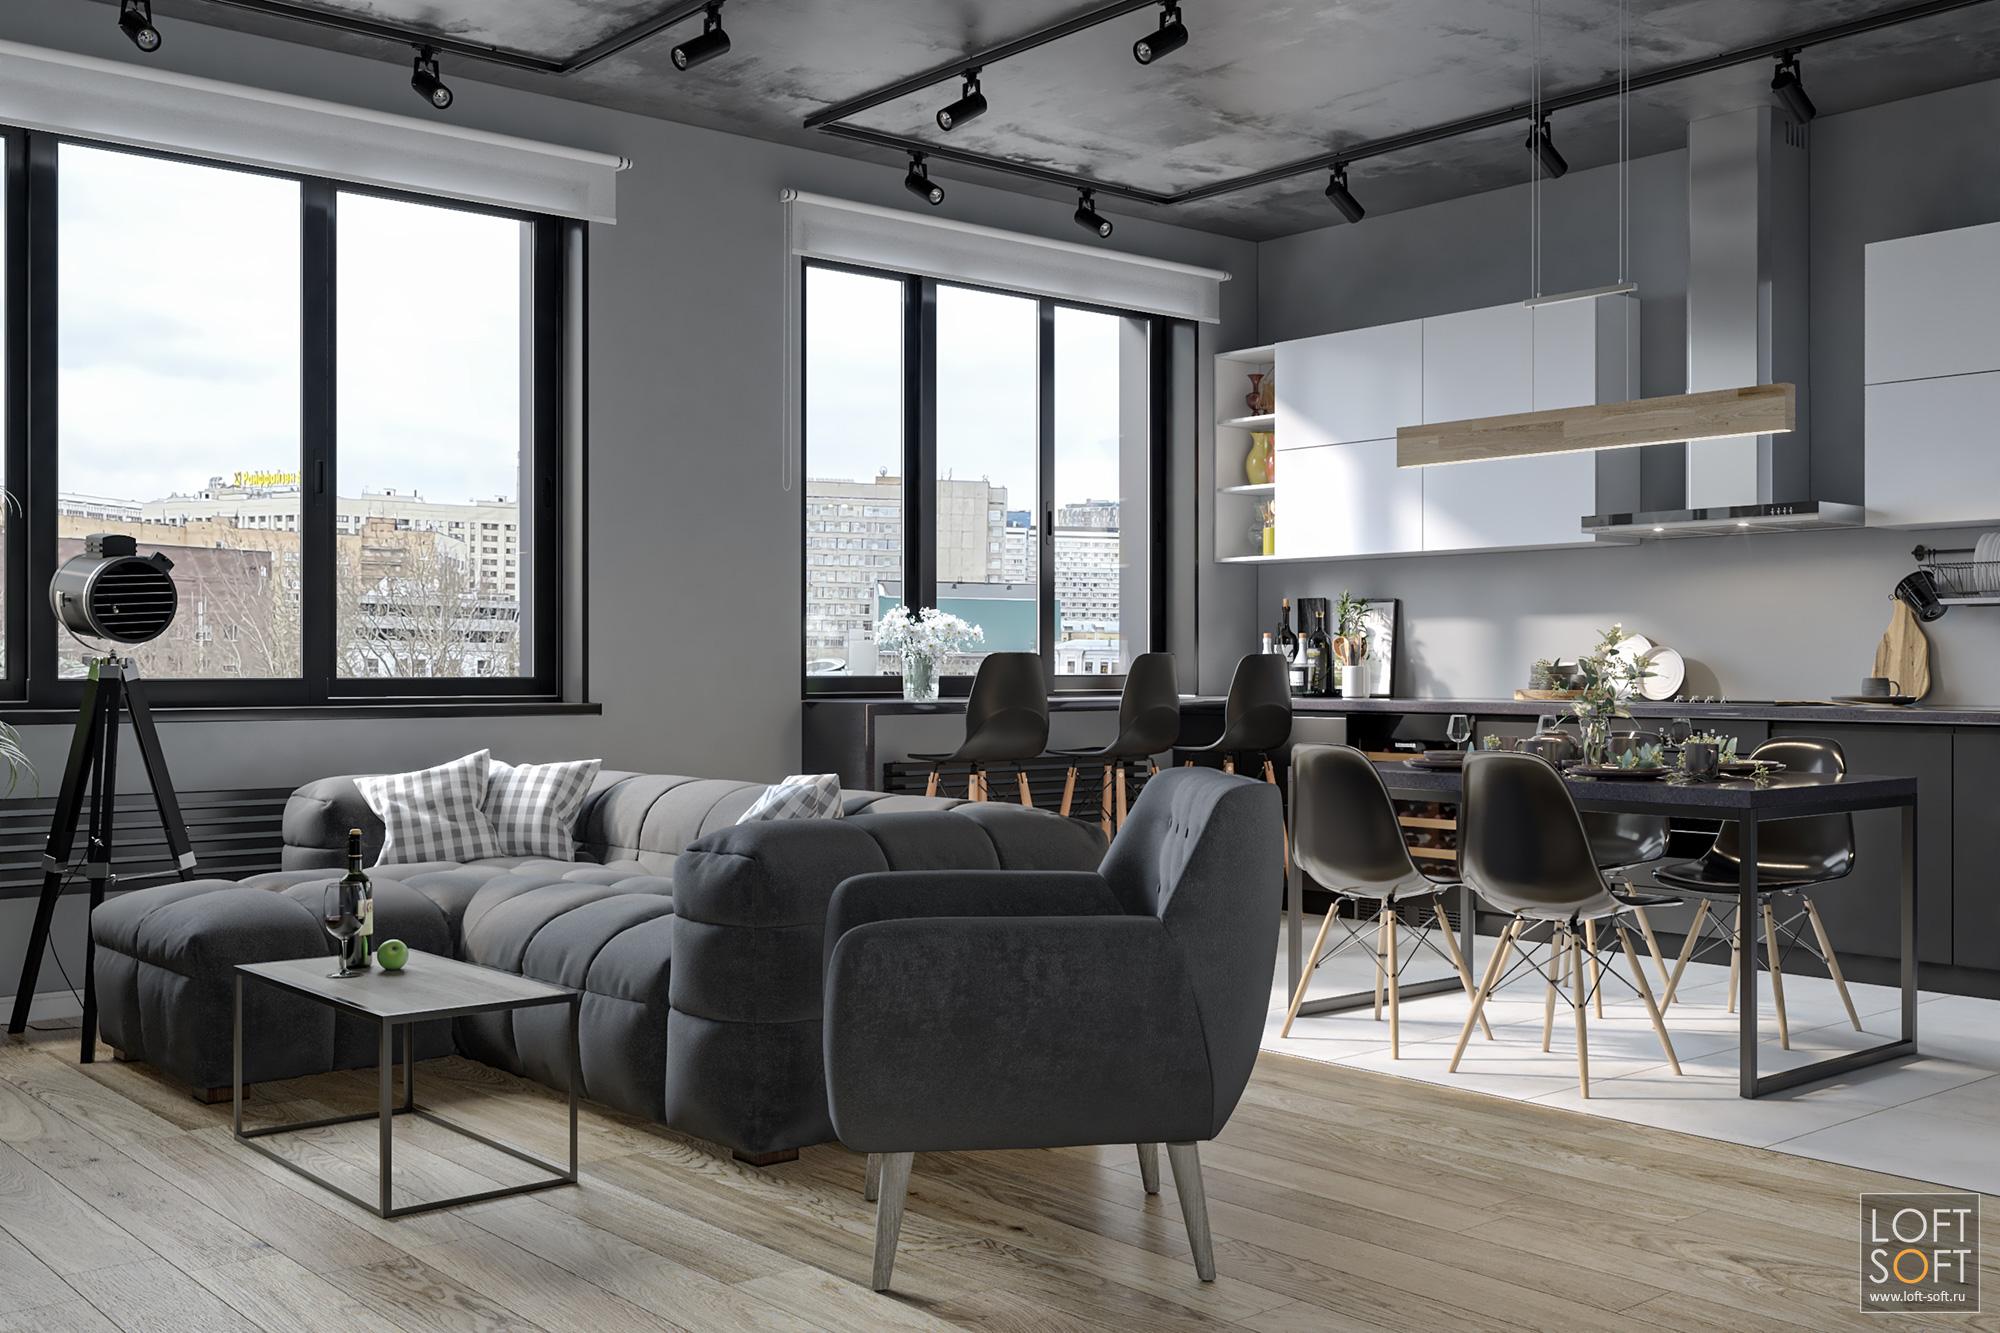 проект для искра парк, дизайн-проект квартиры, интересный дизайн квартиры